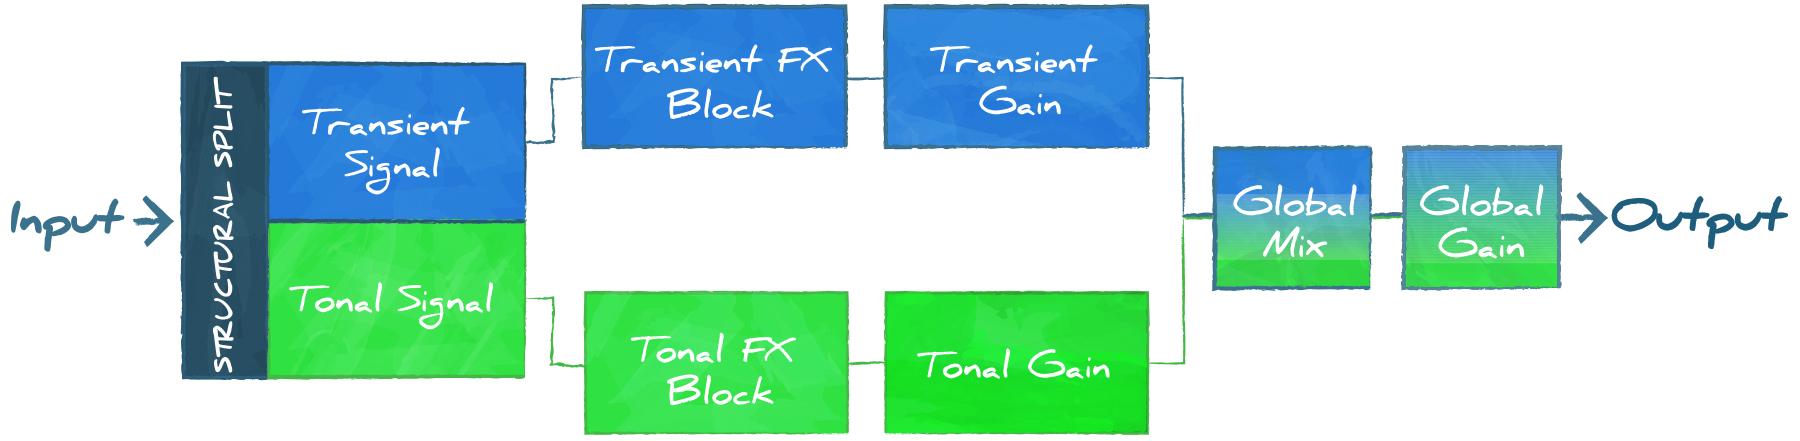 StructuralSplit-Graphic-Signal Flow